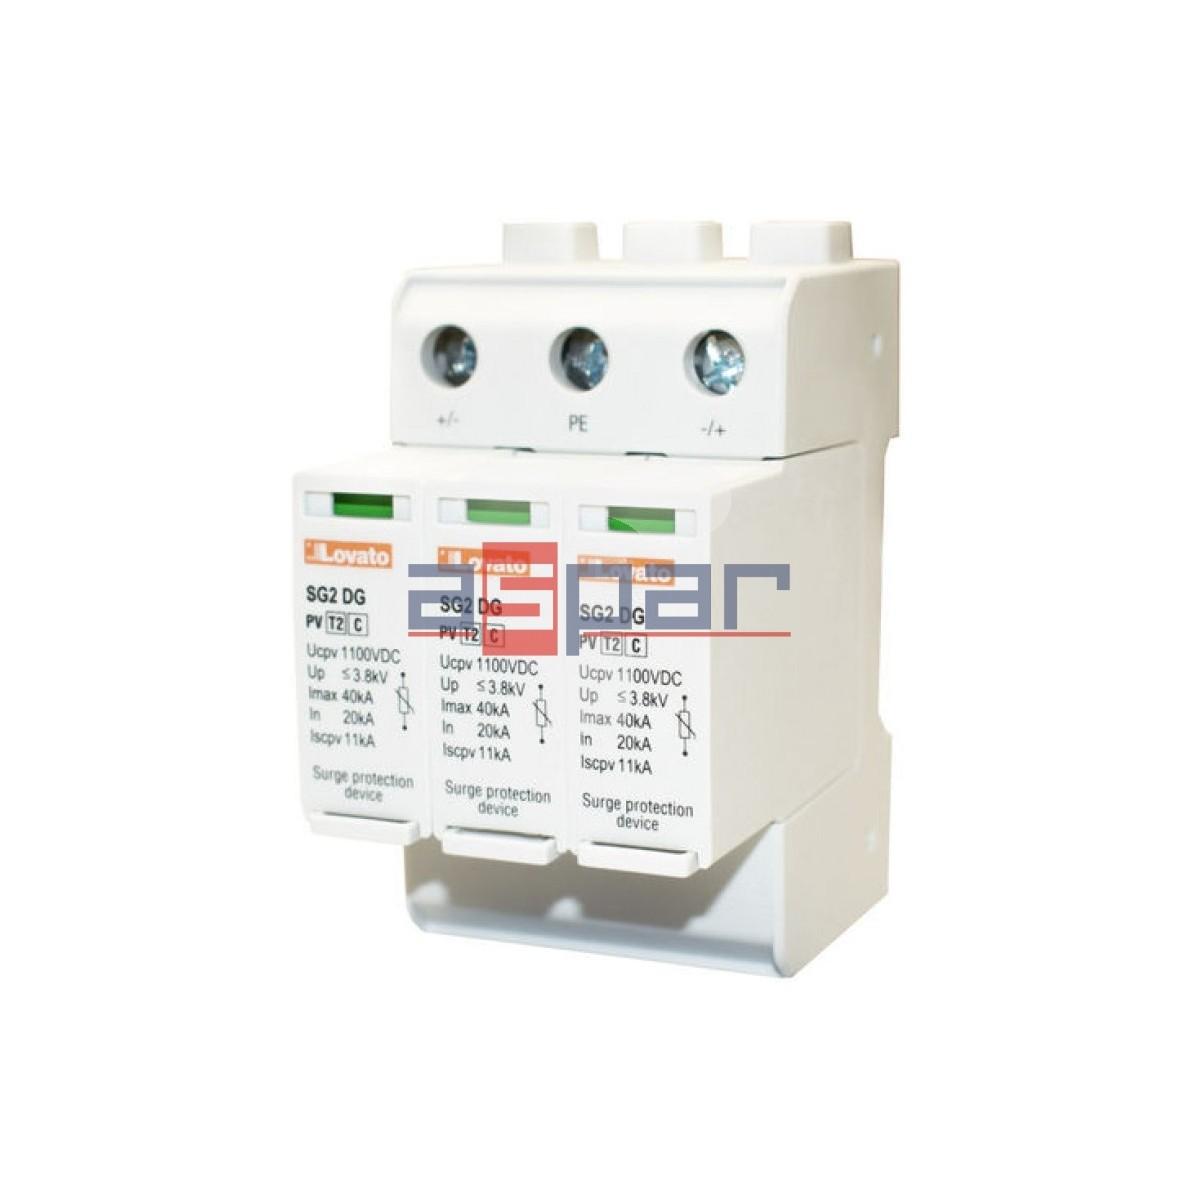 SG2DGK10M3 - Ogranicznik przepięć do 1100VDC (+, -, PE), Iscpv-11kA, typ 2